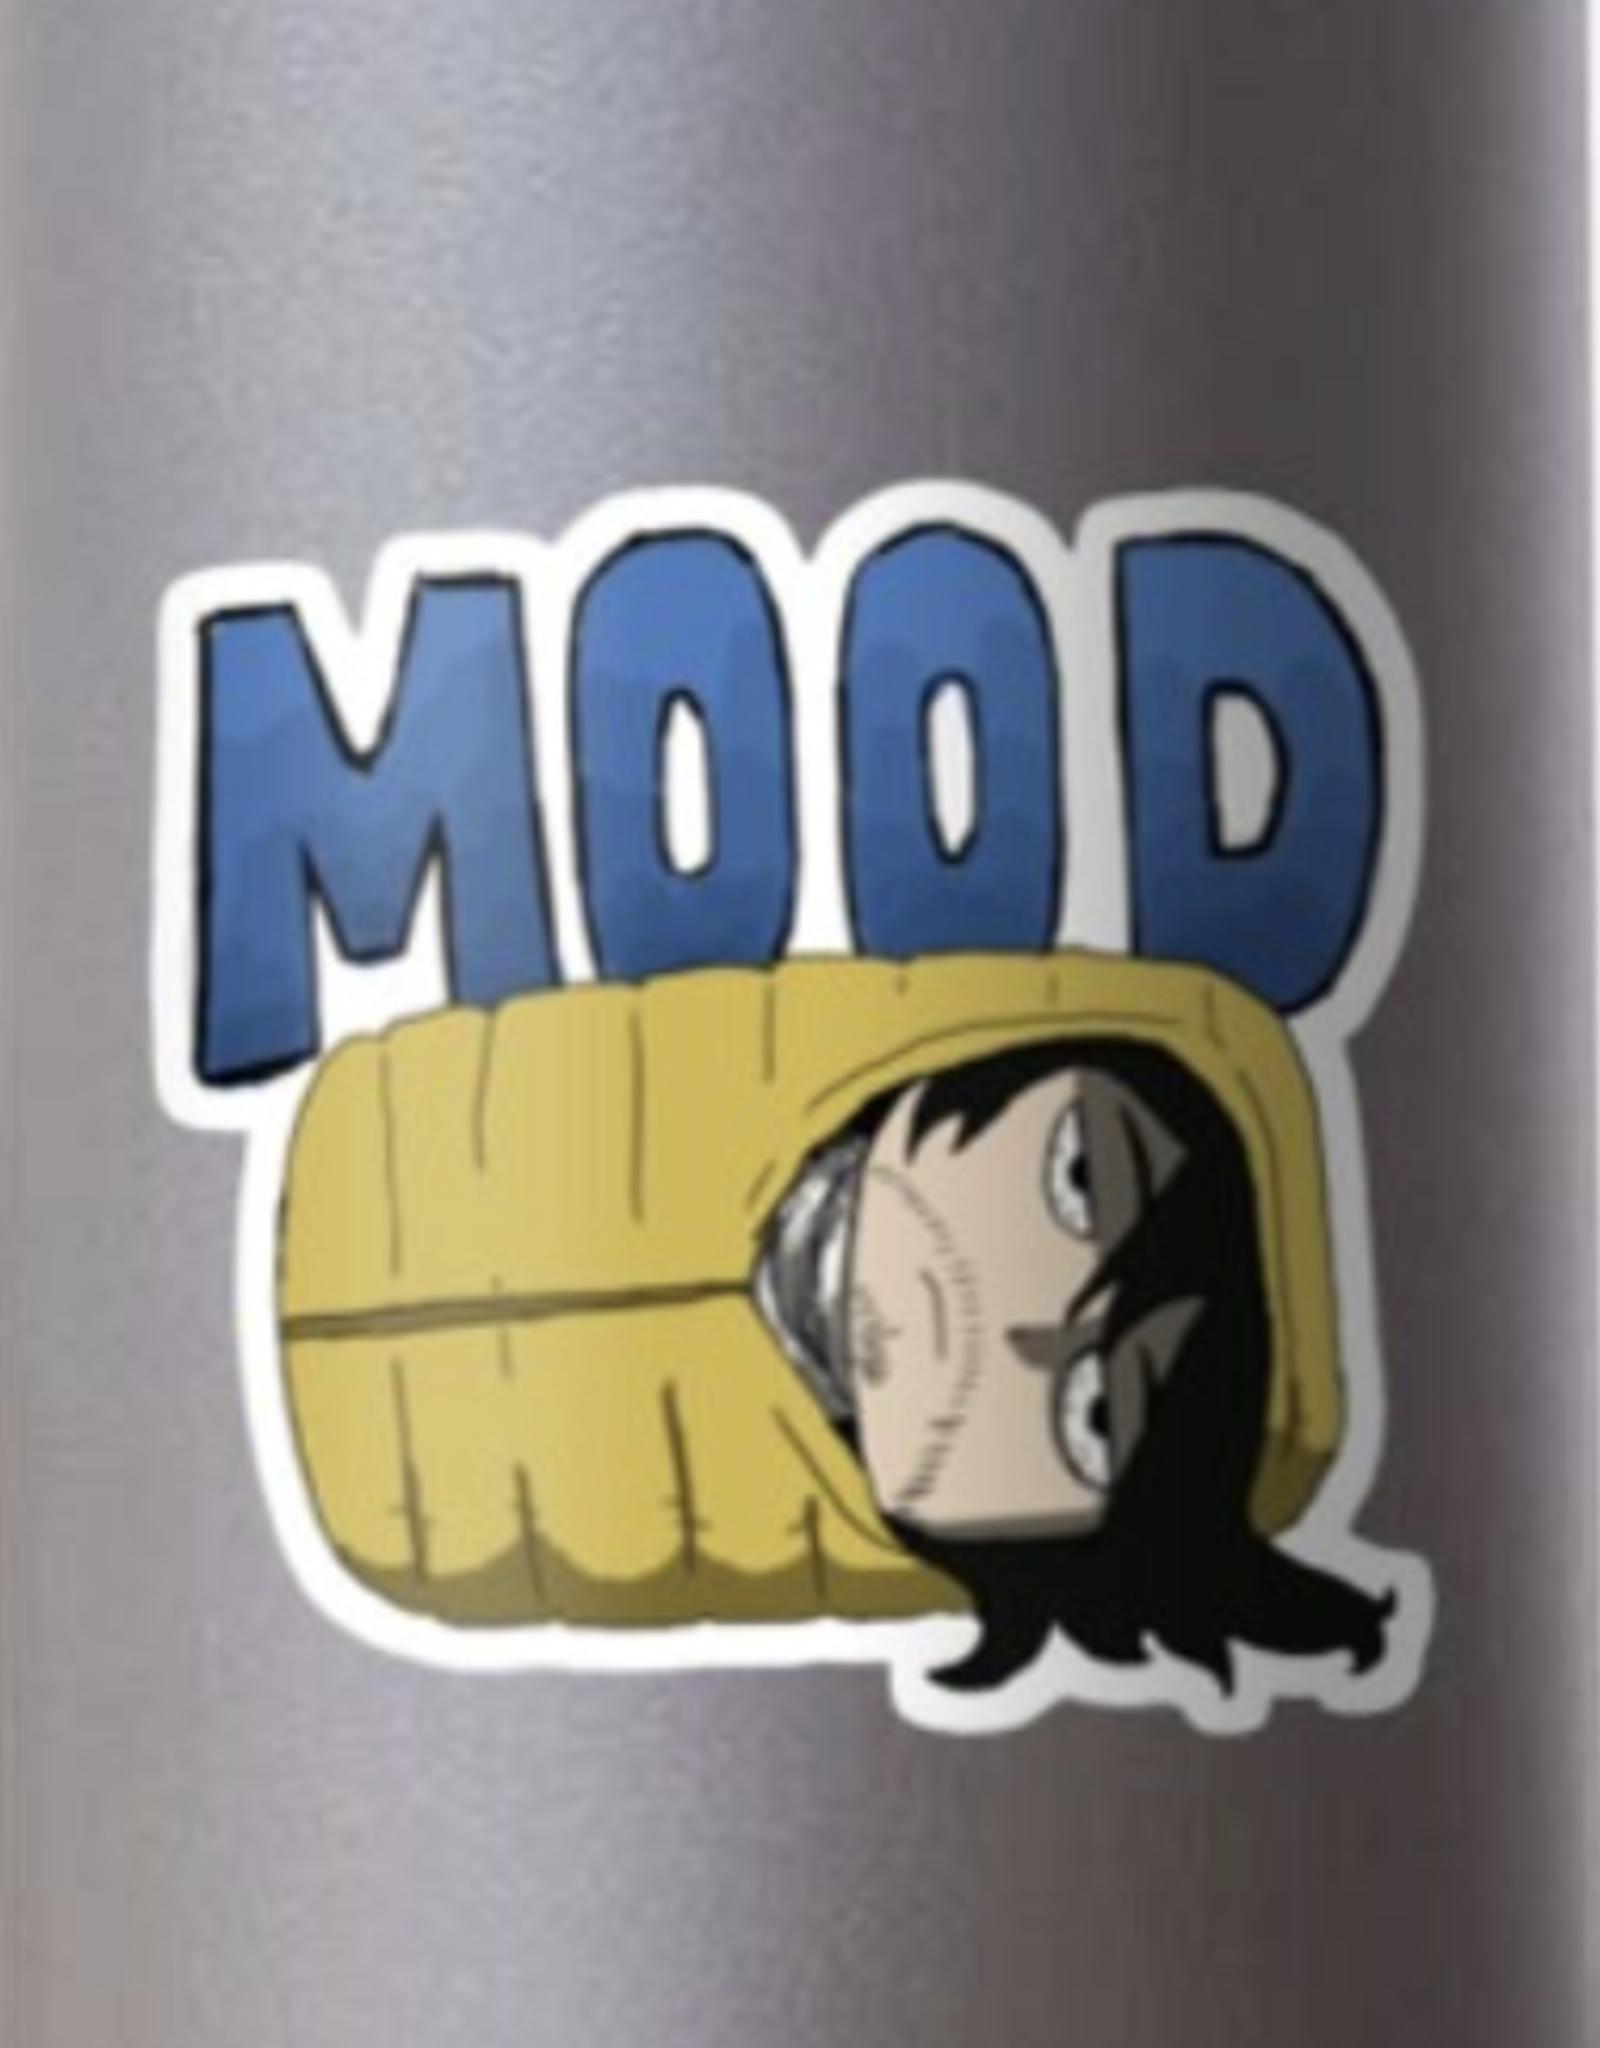 Aizawa Chibi Sticker